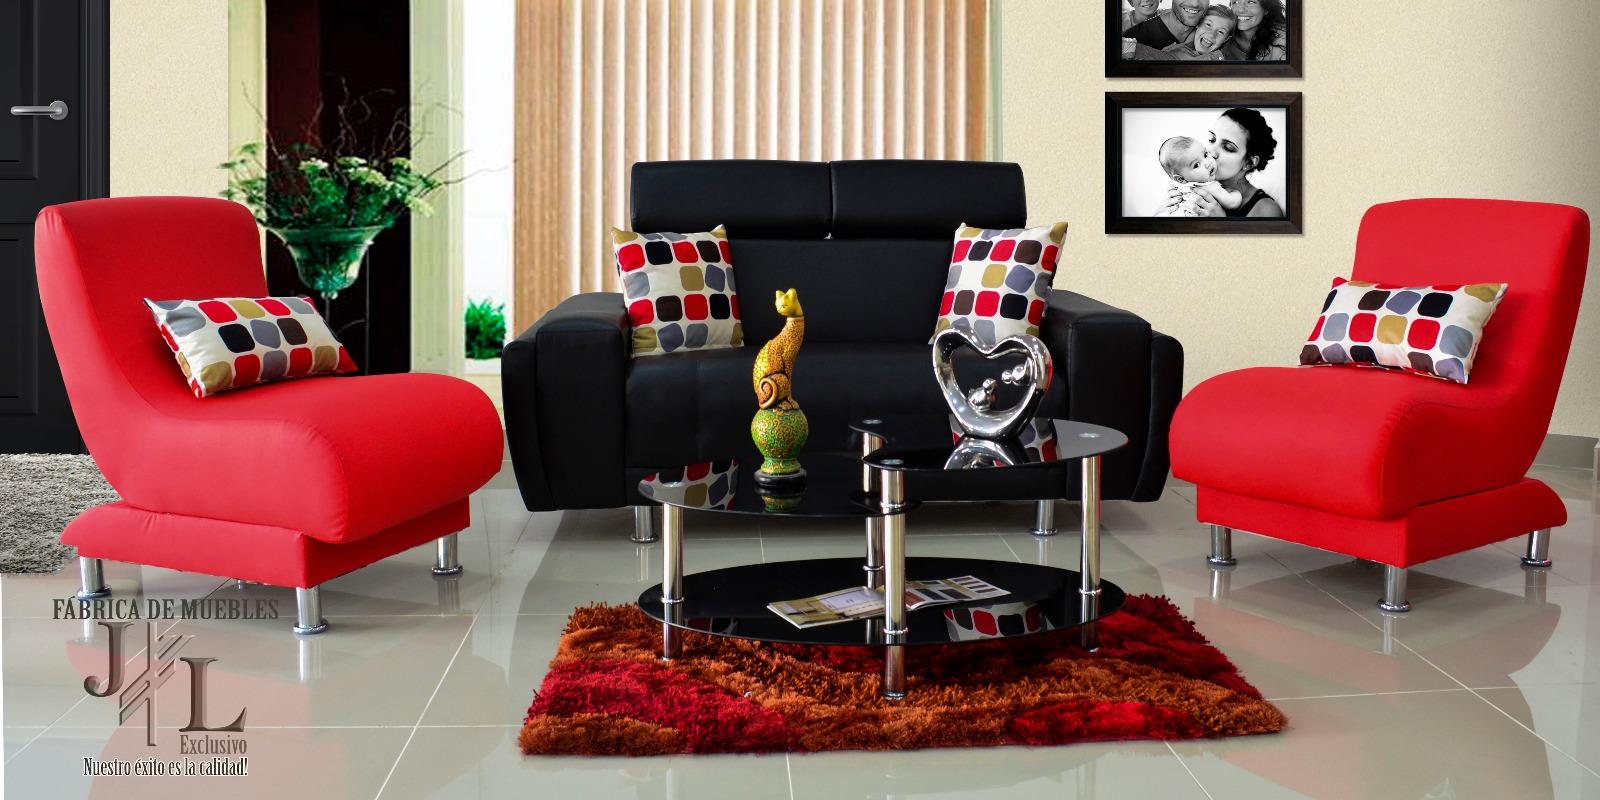 Sala oxford montana muebles jl exclusivo for Muebles de sala nombres